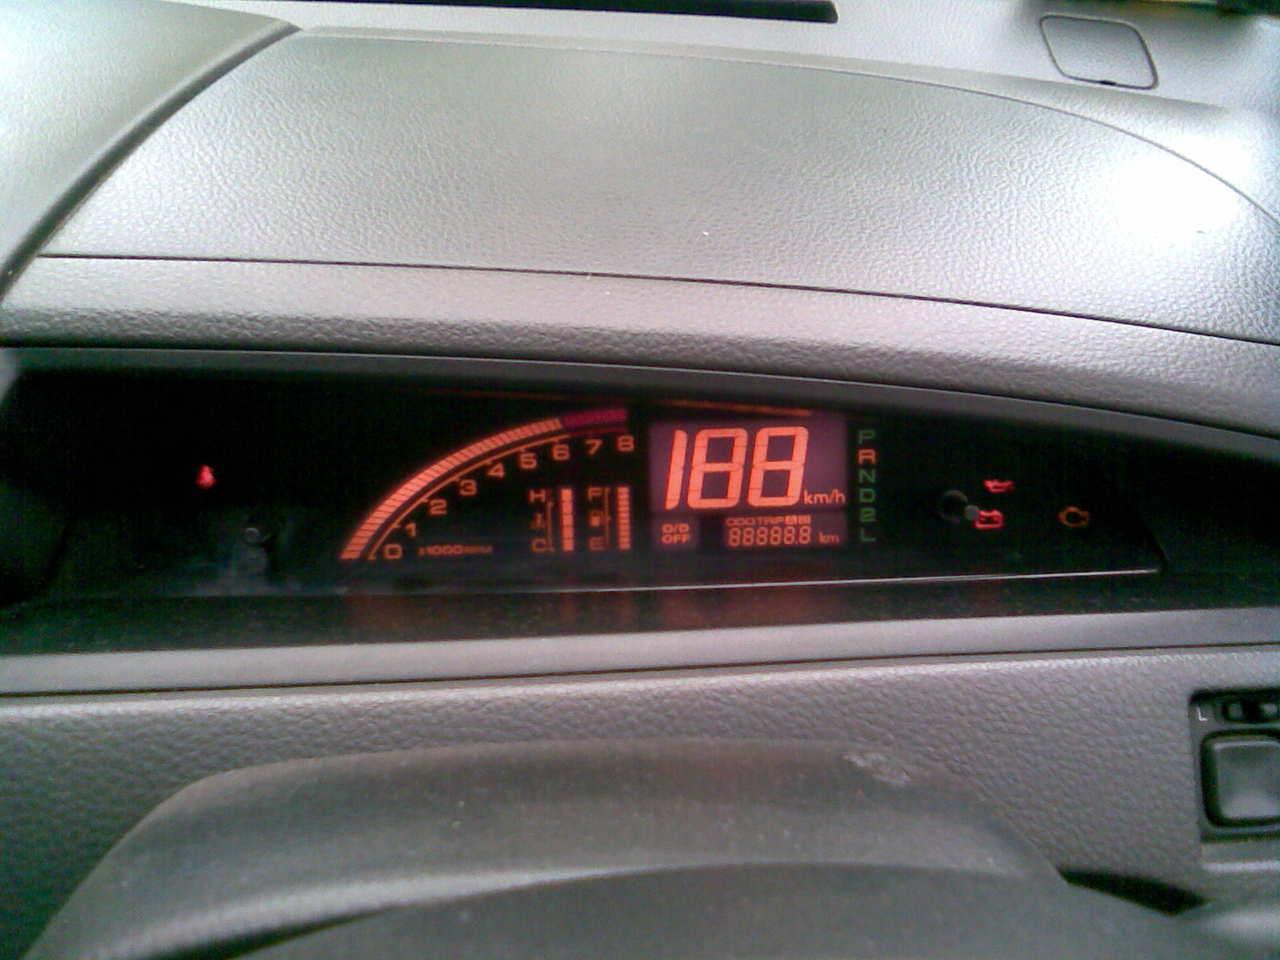 2001 Suzuki Aerio Wagon Pictures, 1.5l., Gasoline, FF, Automatic For ...